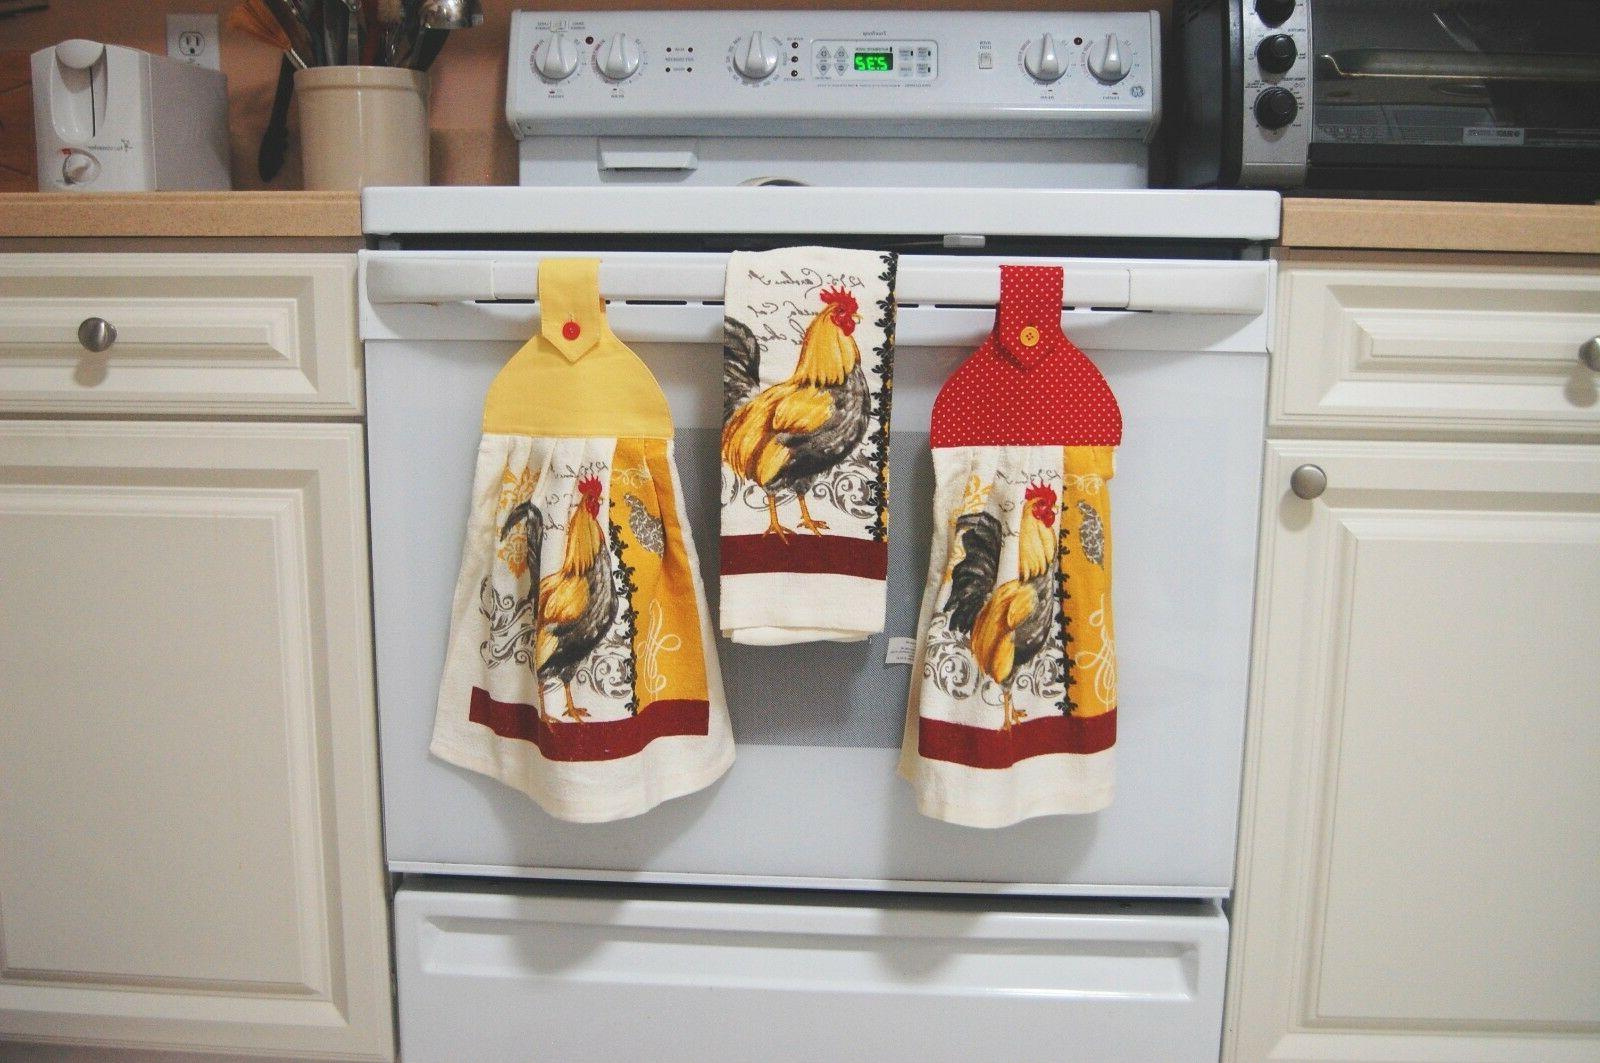 2 royal kitchen towel one kitchen